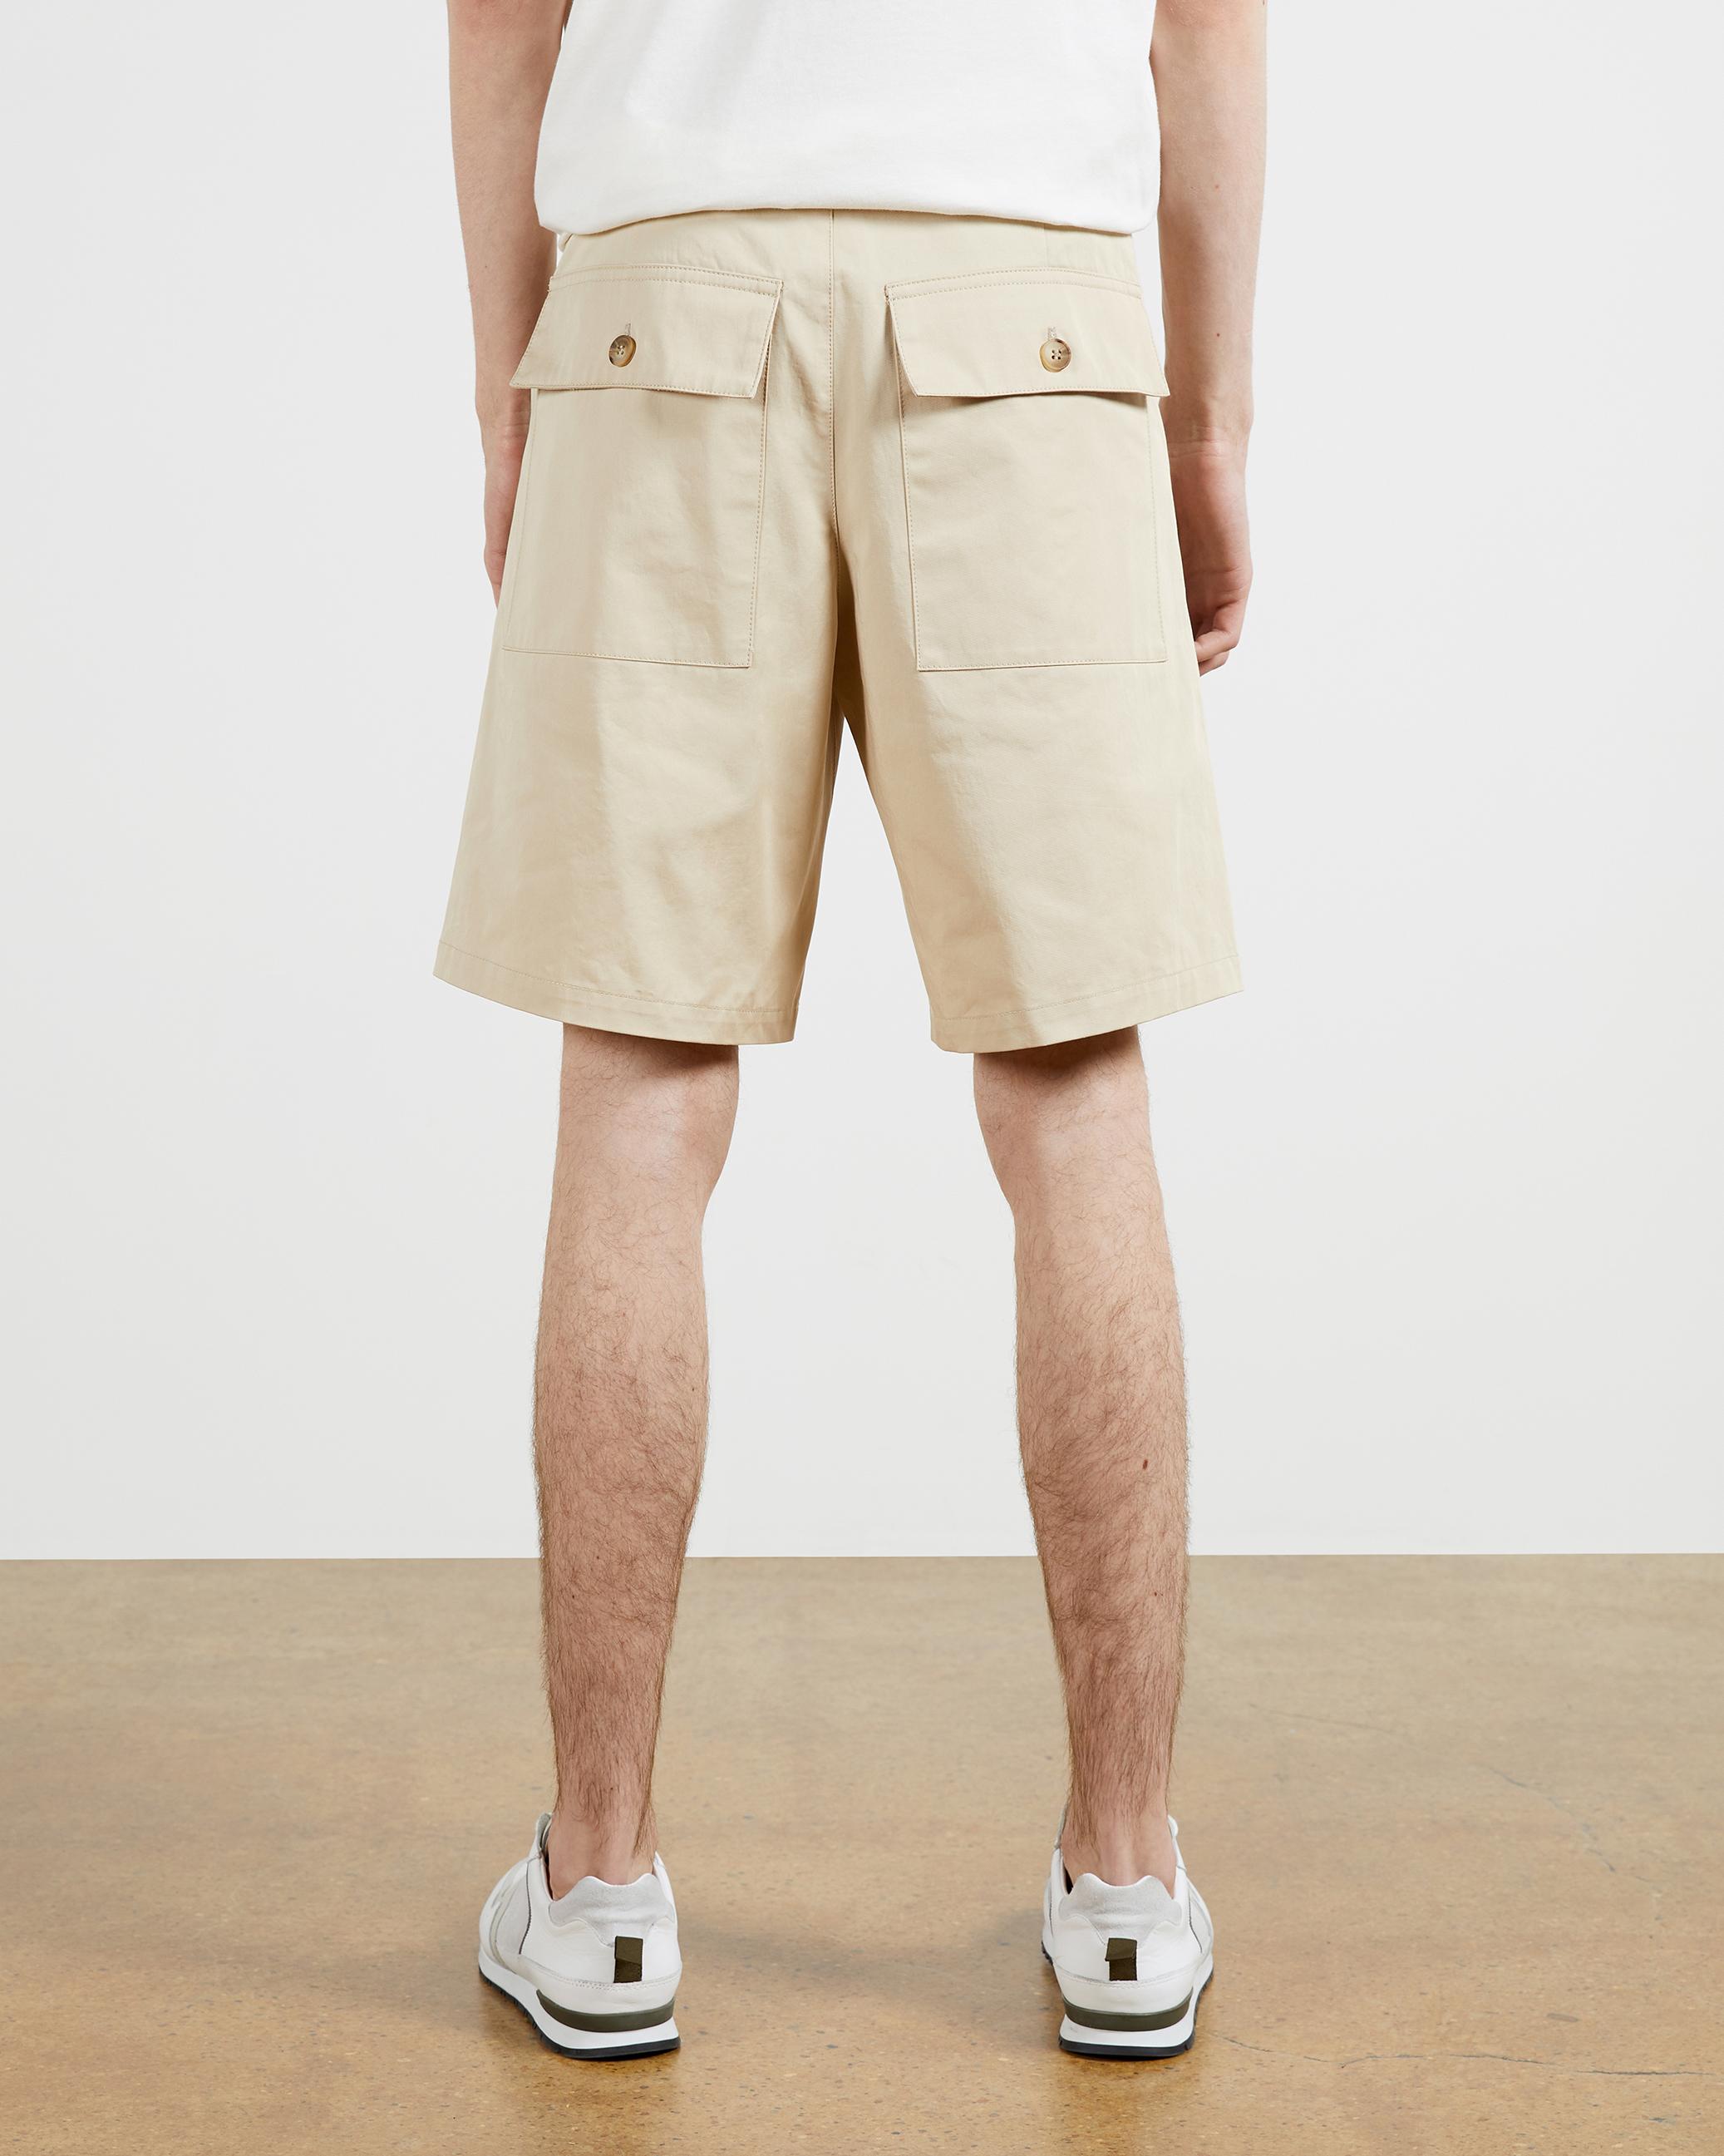 Bottines femme camel coton Utility Shorts Combinaison Avec Boutons